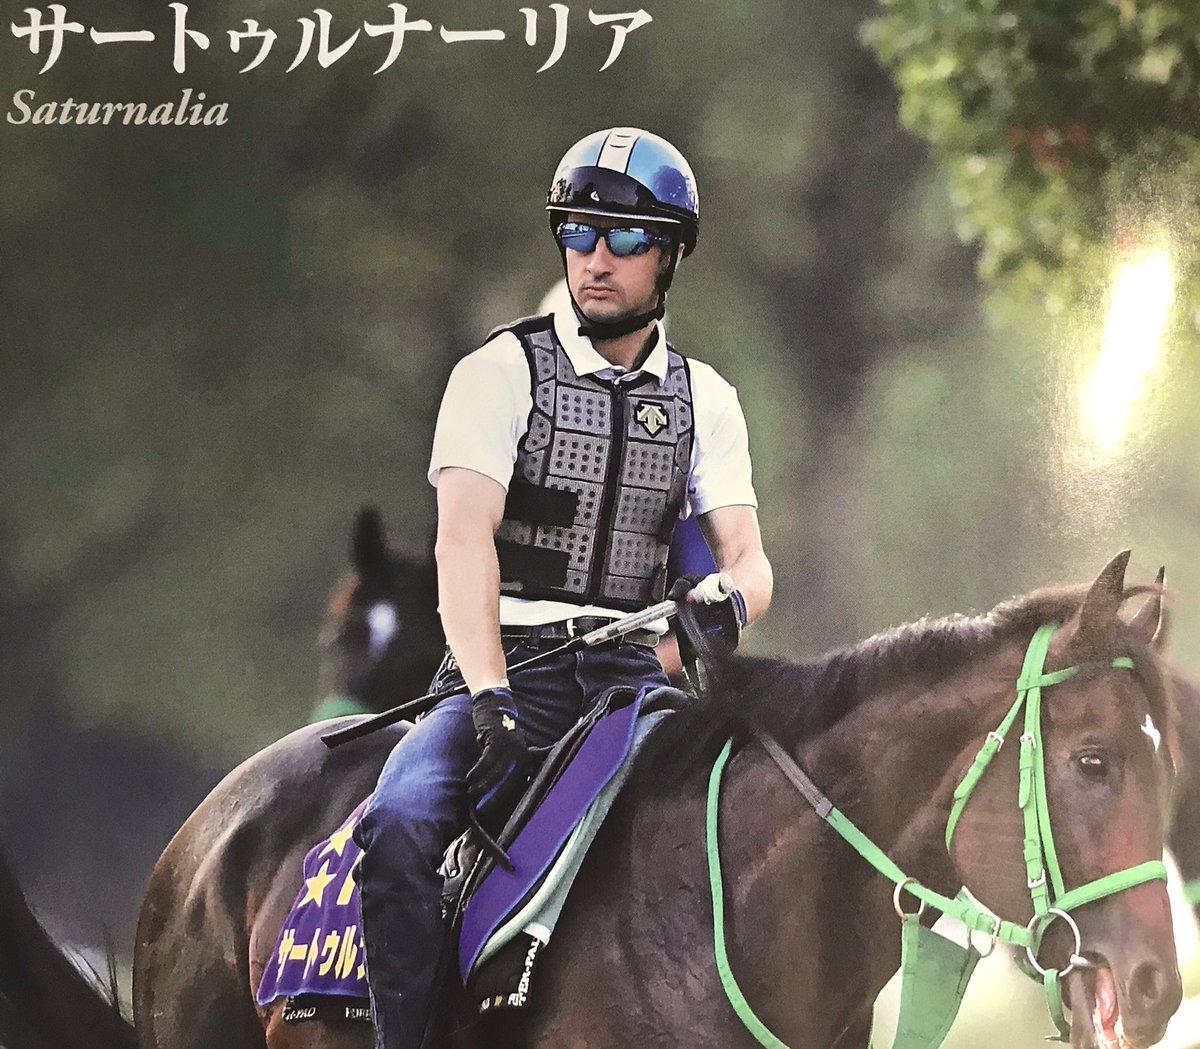 パッと見た瞬間は モデルさんが馬に乗っている と思いましたが、  ルメールなんですね(Gallop)  サートゥルナーリアだから  でも すっごくカッコよくないですかー 感動しました❗️  #神戸新聞杯 は、サートゥルナーリア軸で買います。